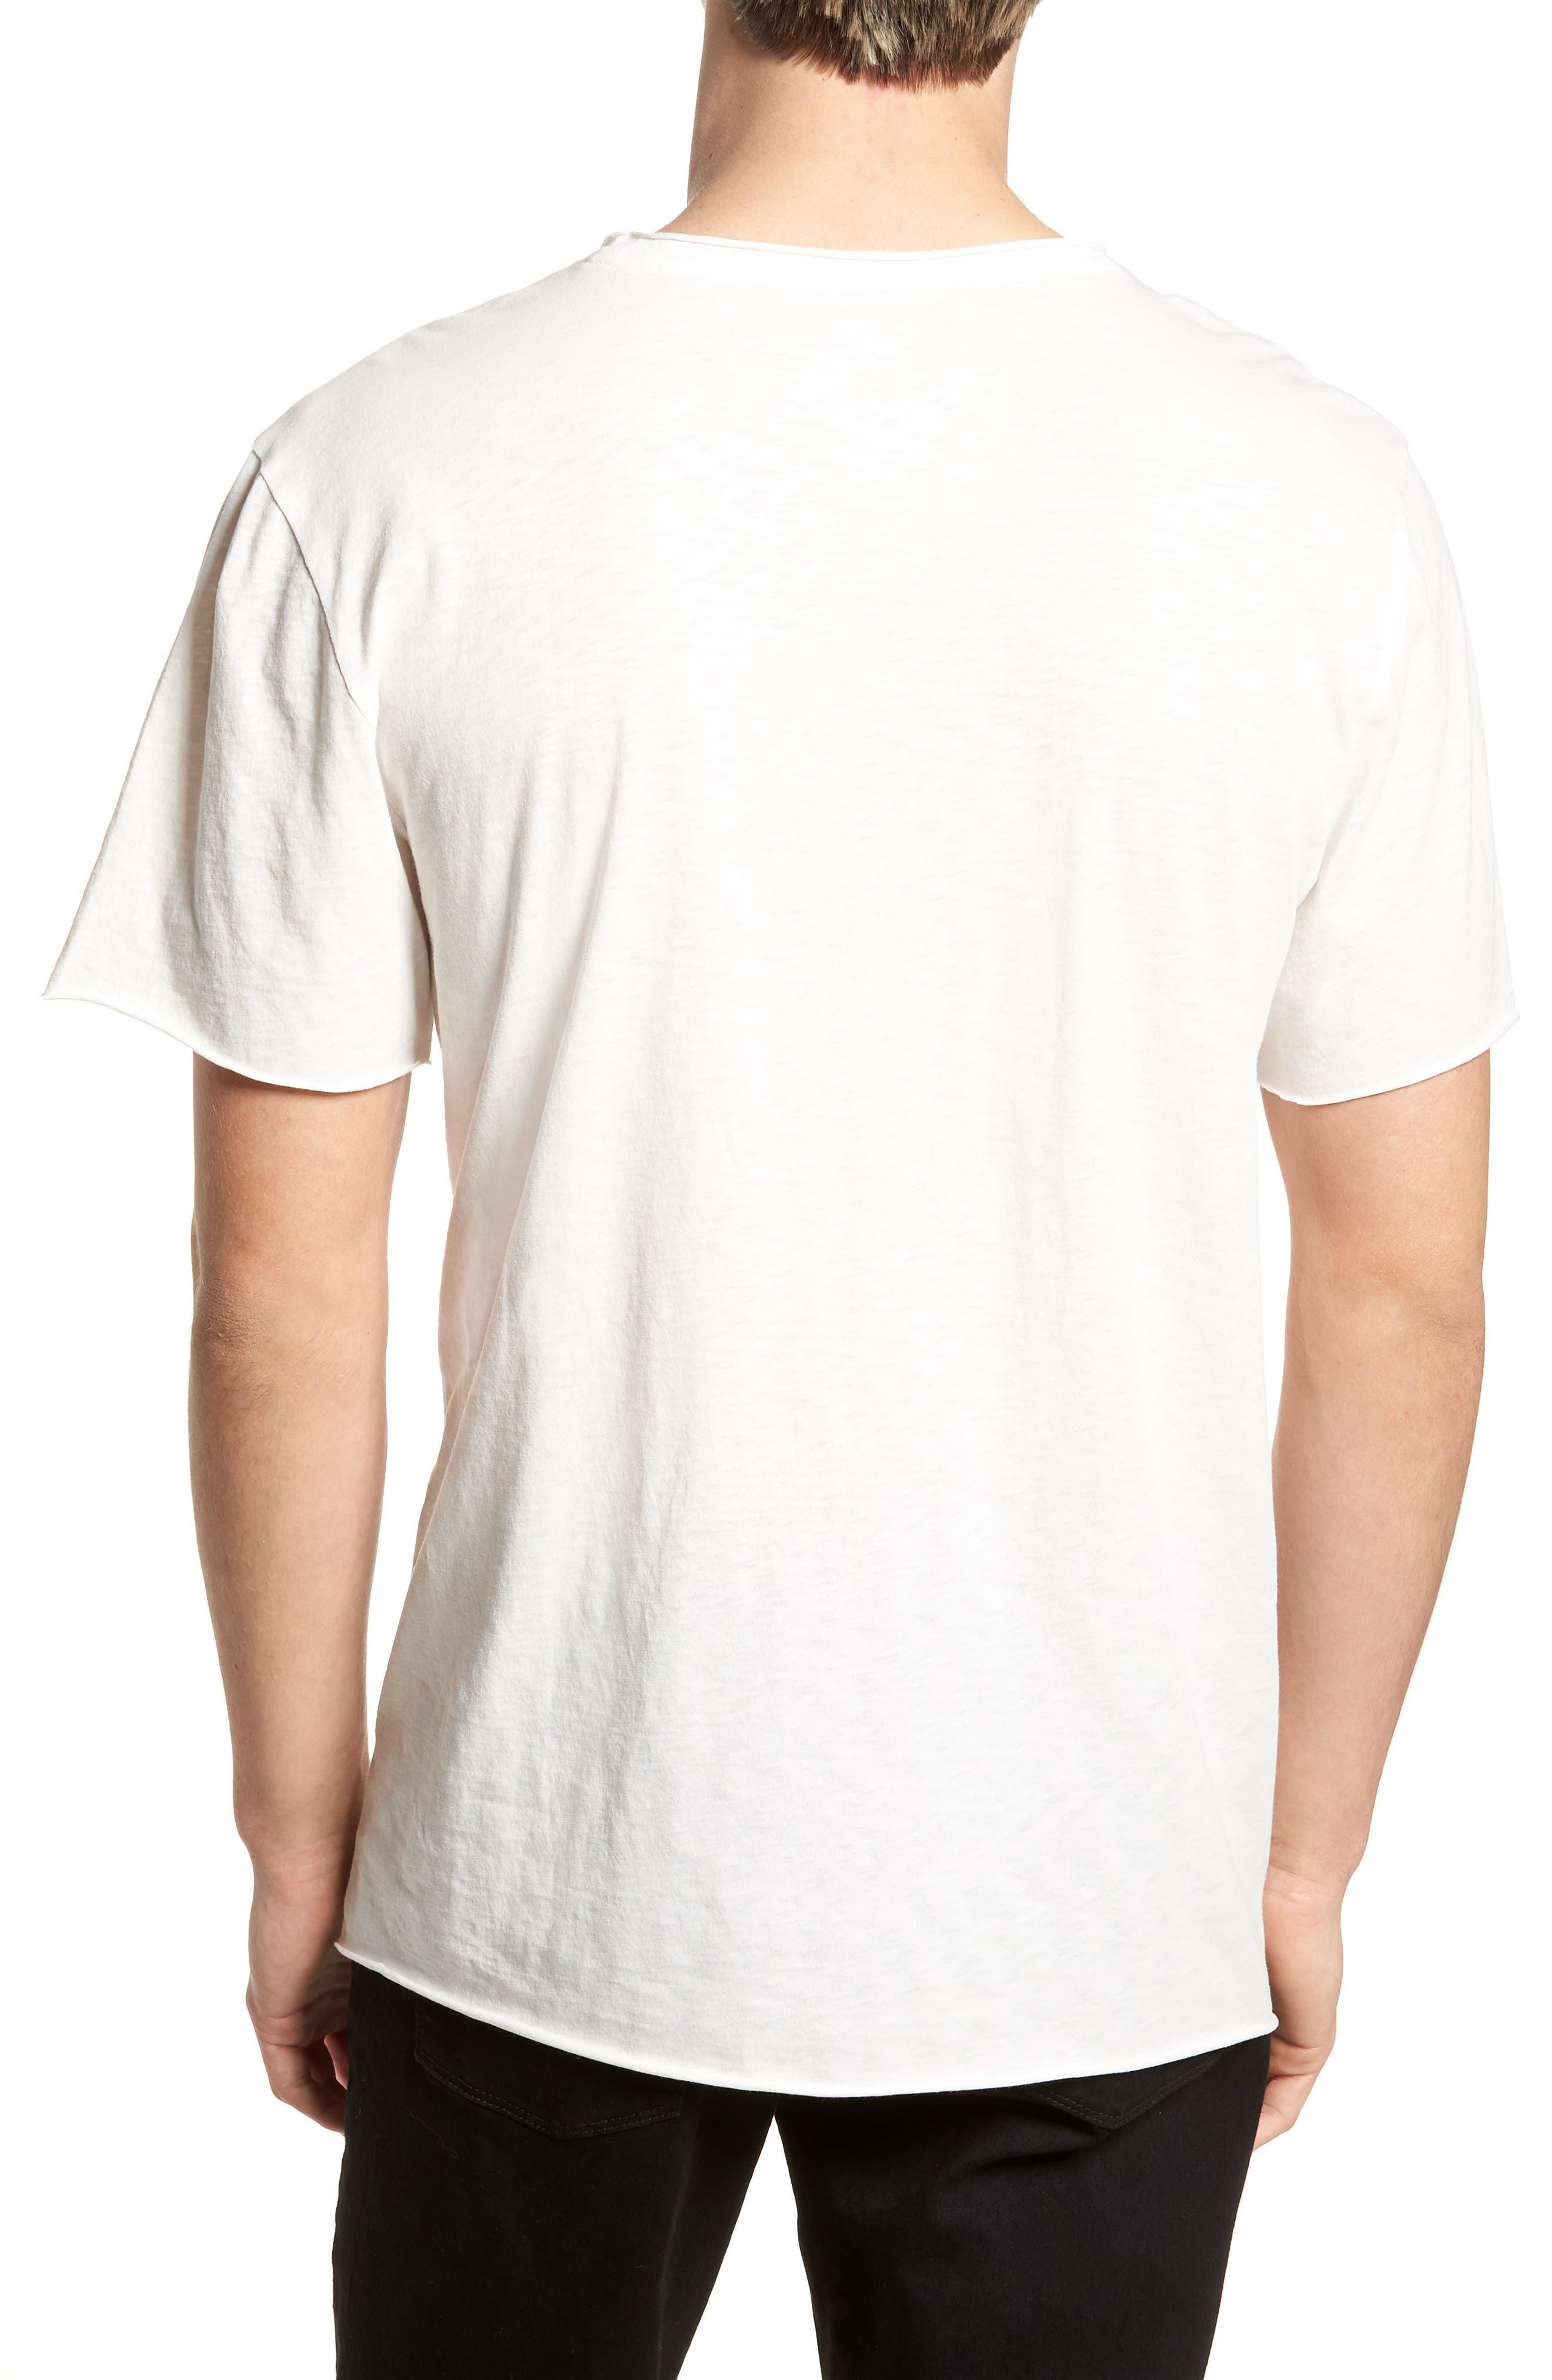 David Bowie Crewneck T-Shirt,                             Alternate thumbnail 2, color,                             Ivory David Bowie